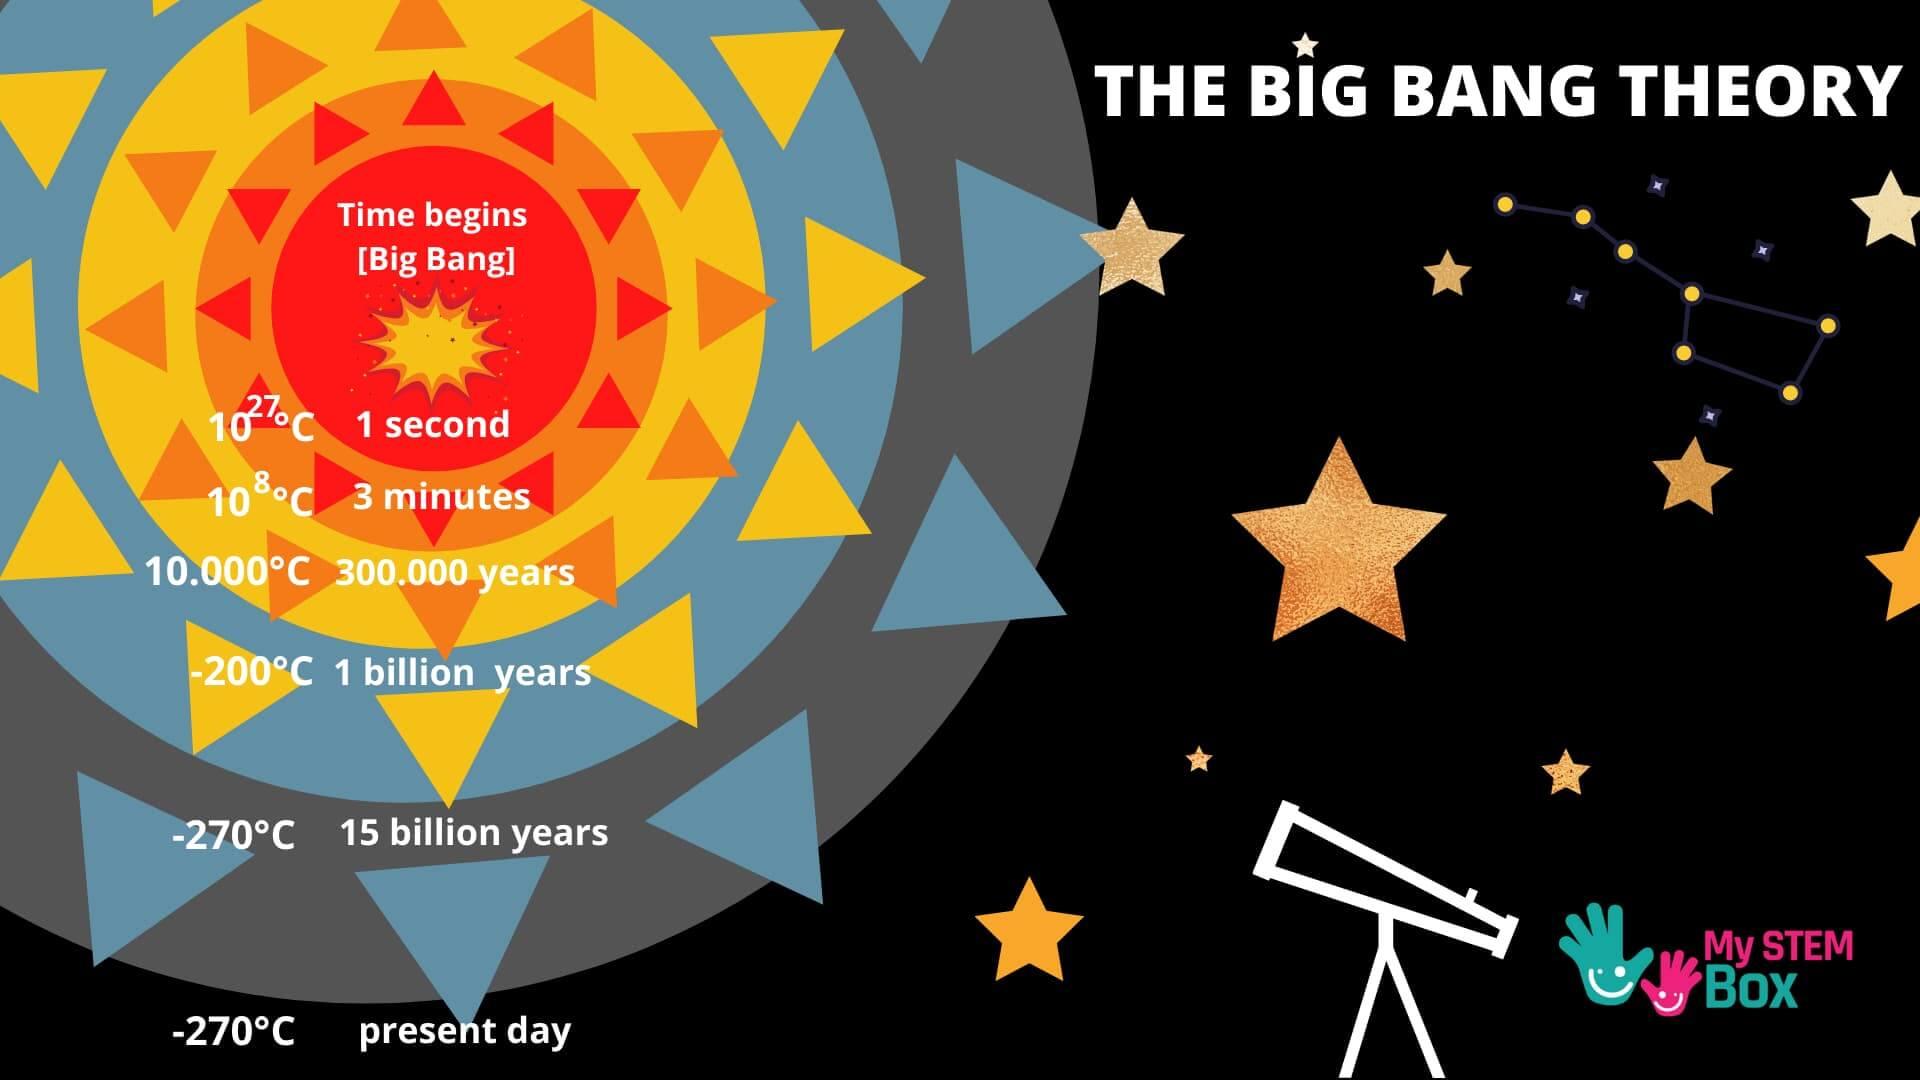 The Big Bang Theory for Kids